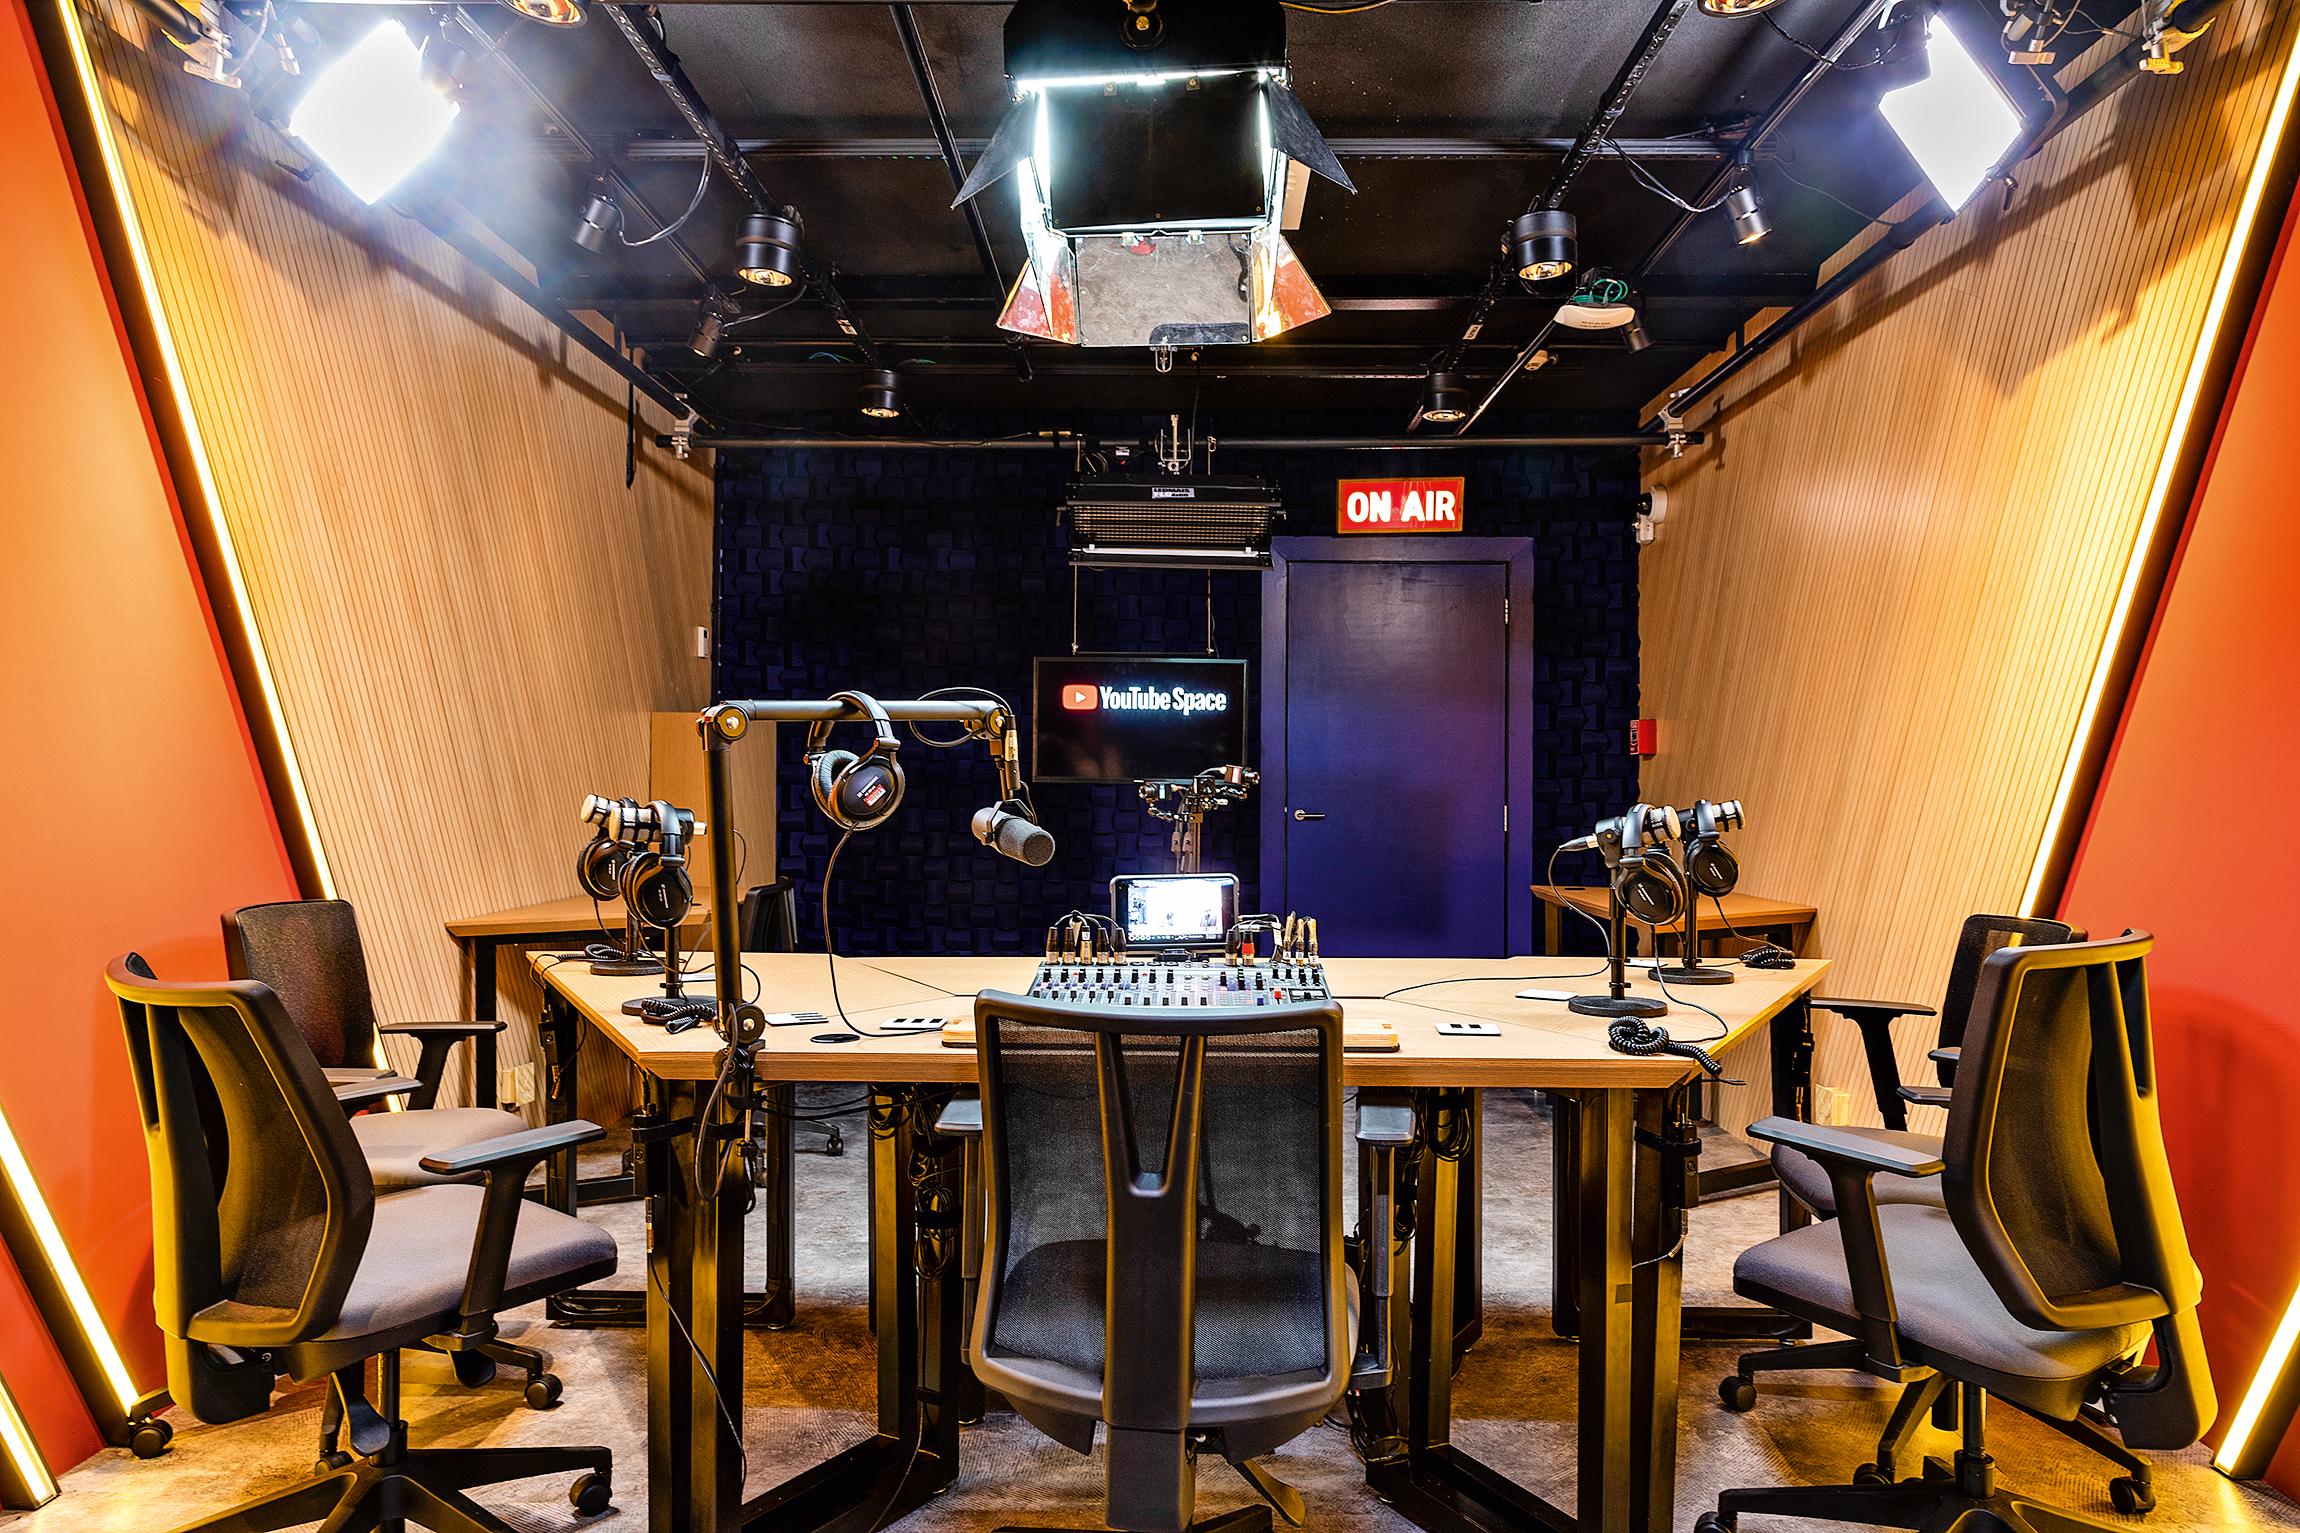 Estúdio de rádio no Youtube Space, com uma mesa ao centro, com vários microfones, cadeiras e refletores presos ao teto